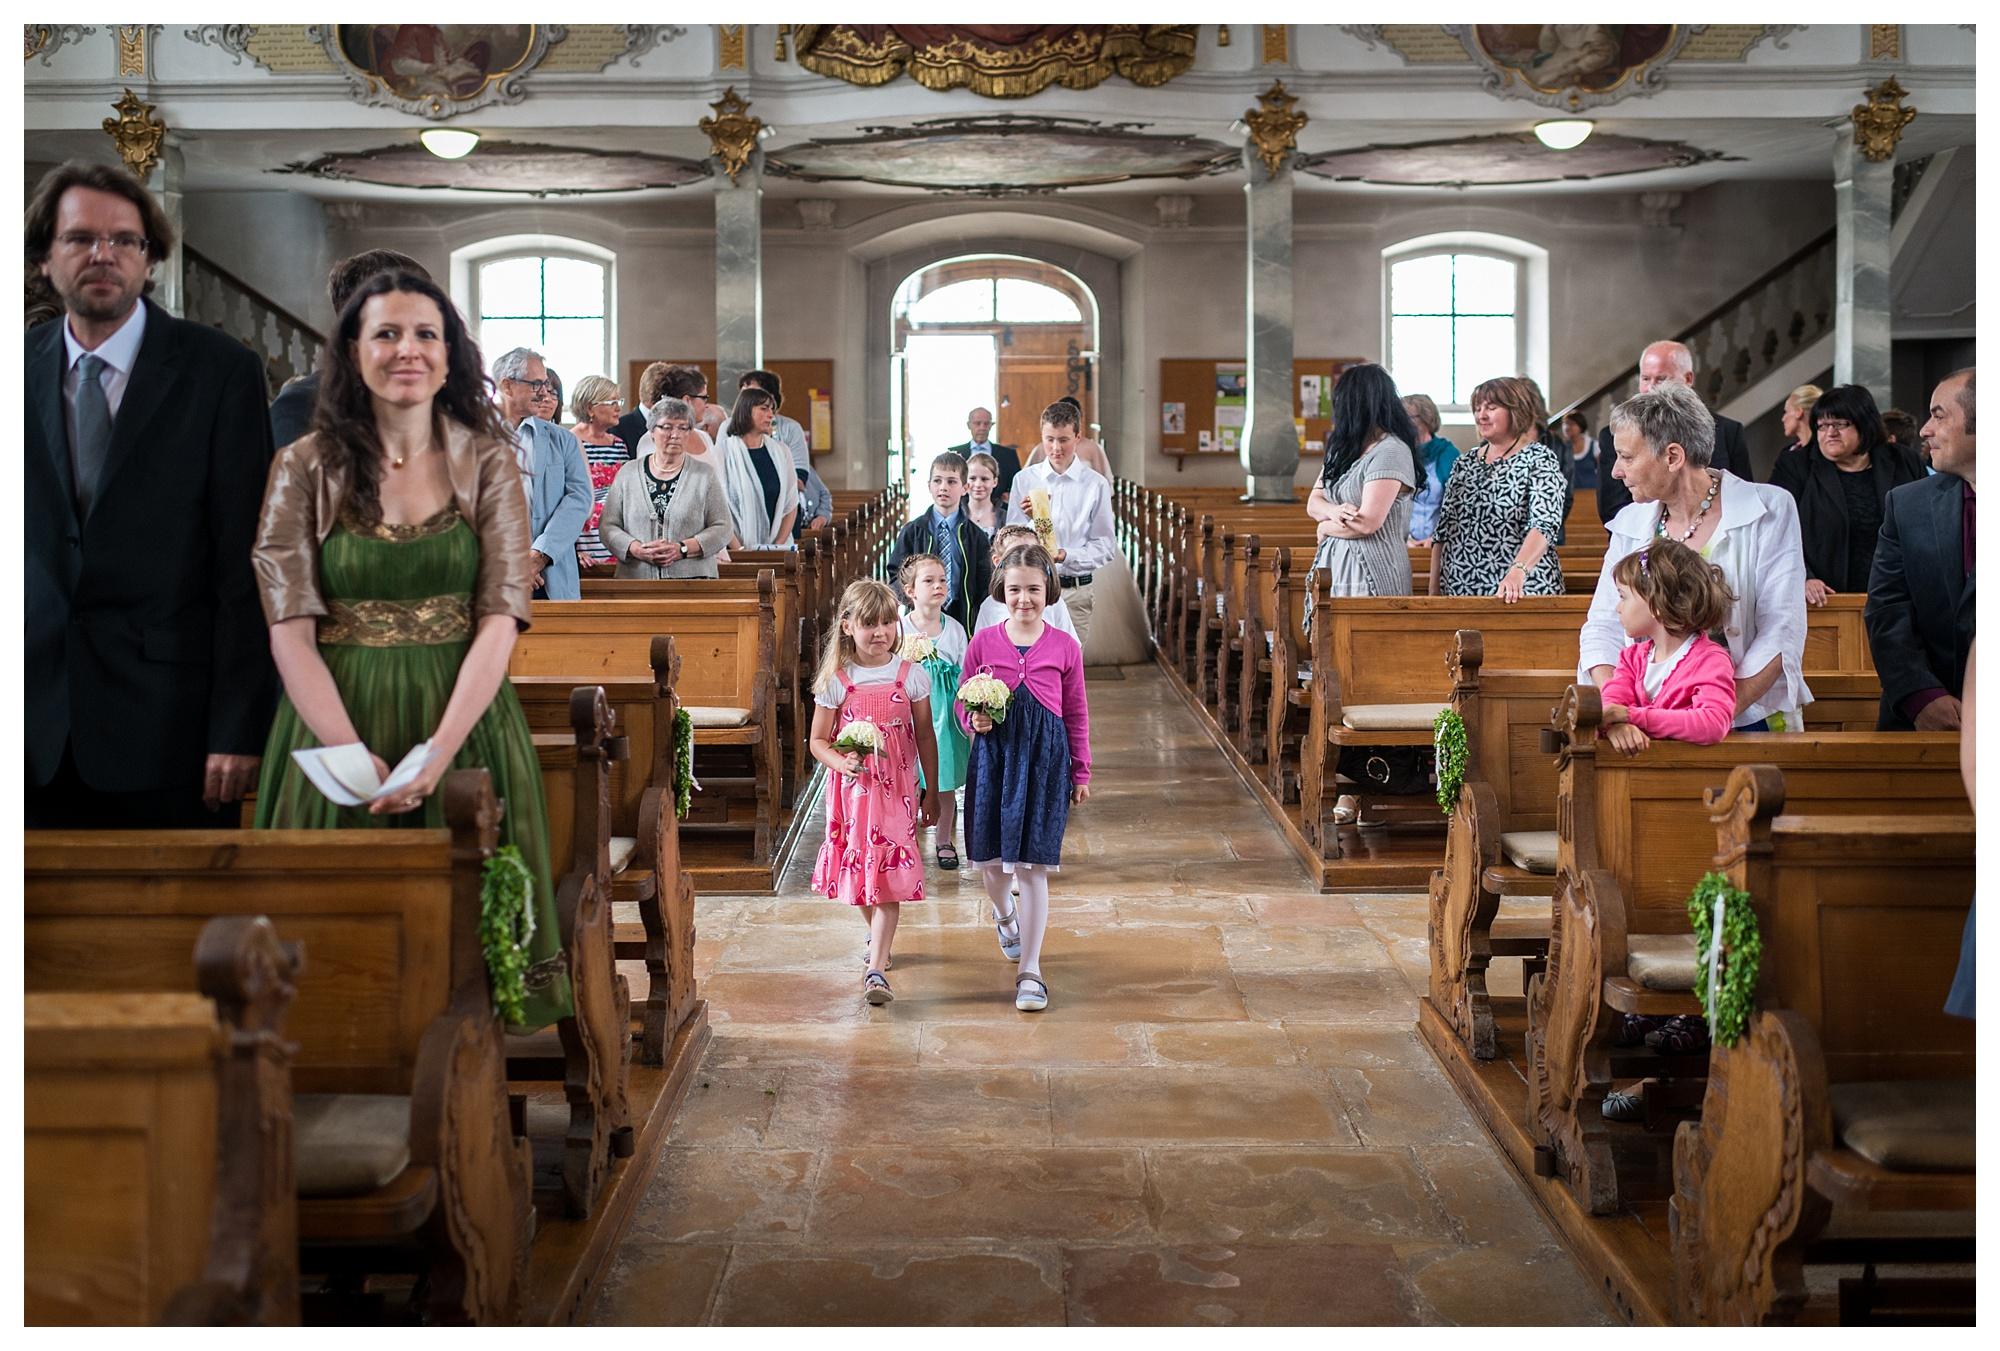 Fotograf Konstanz - Hochzeit Tanja Elmar Elmar Feuerbacher Photography Konstanz Messkirch Highlights 021 - Hochzeitsreportage von Tanja und Elmar im Schloss Meßkirch  - 20 -